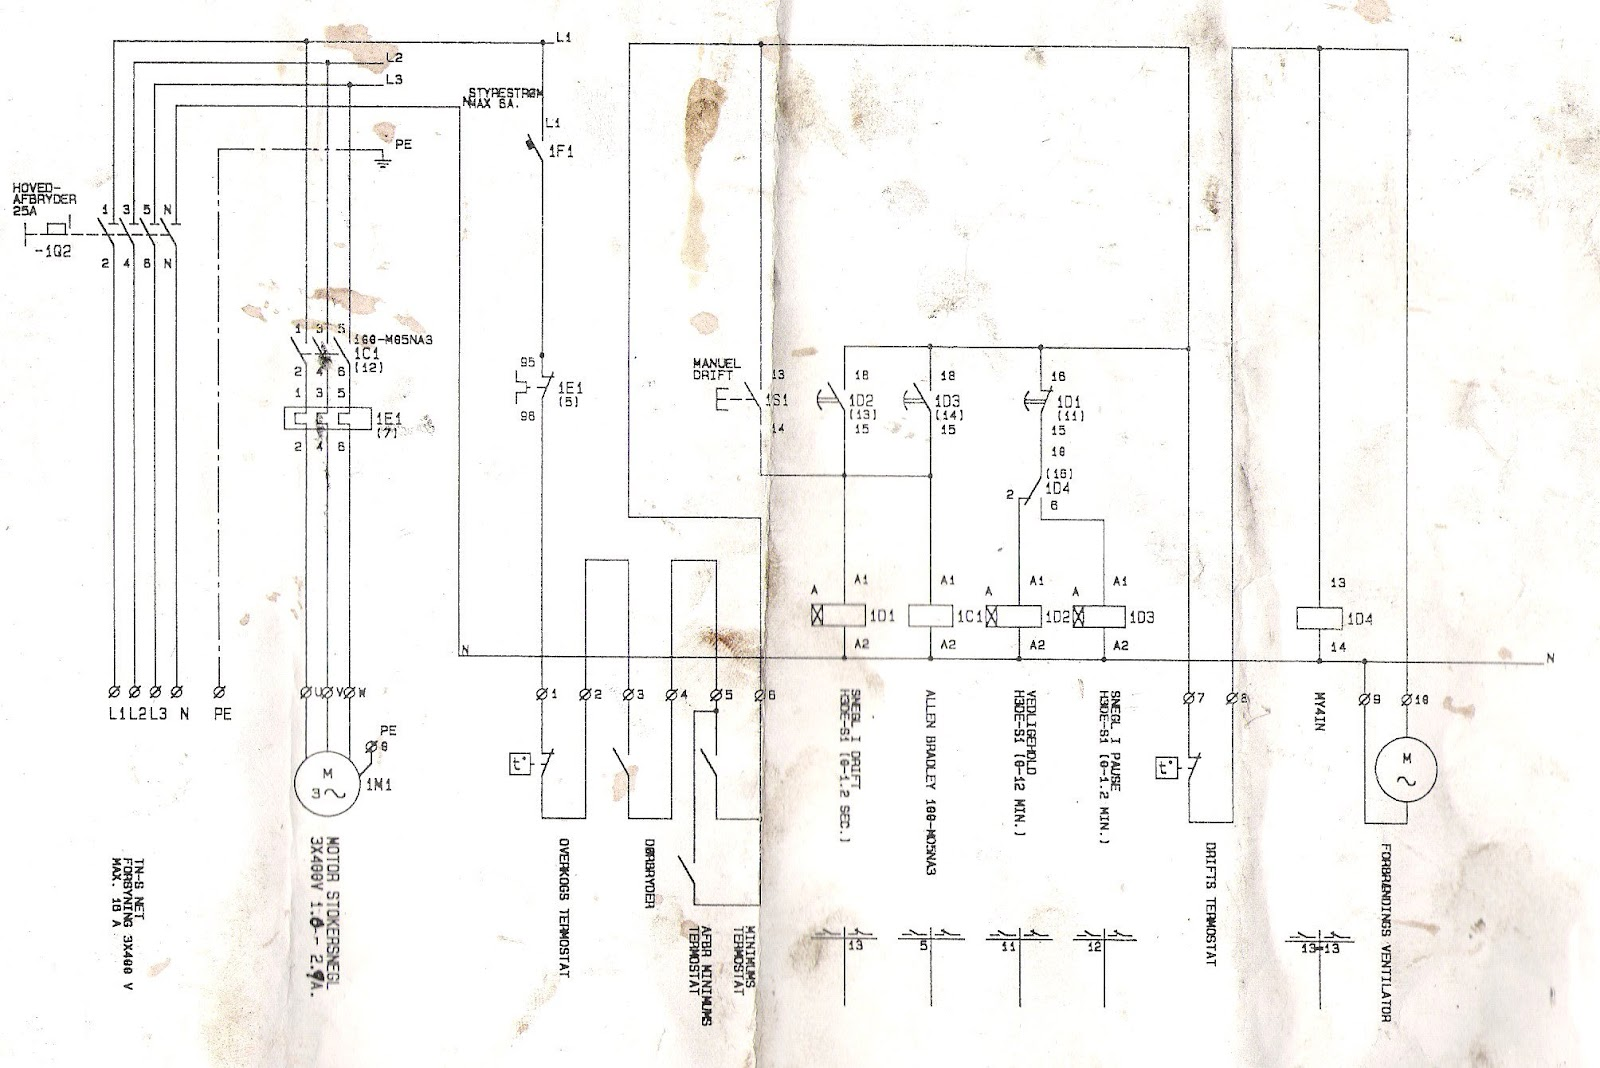 pellet burner controller schematic